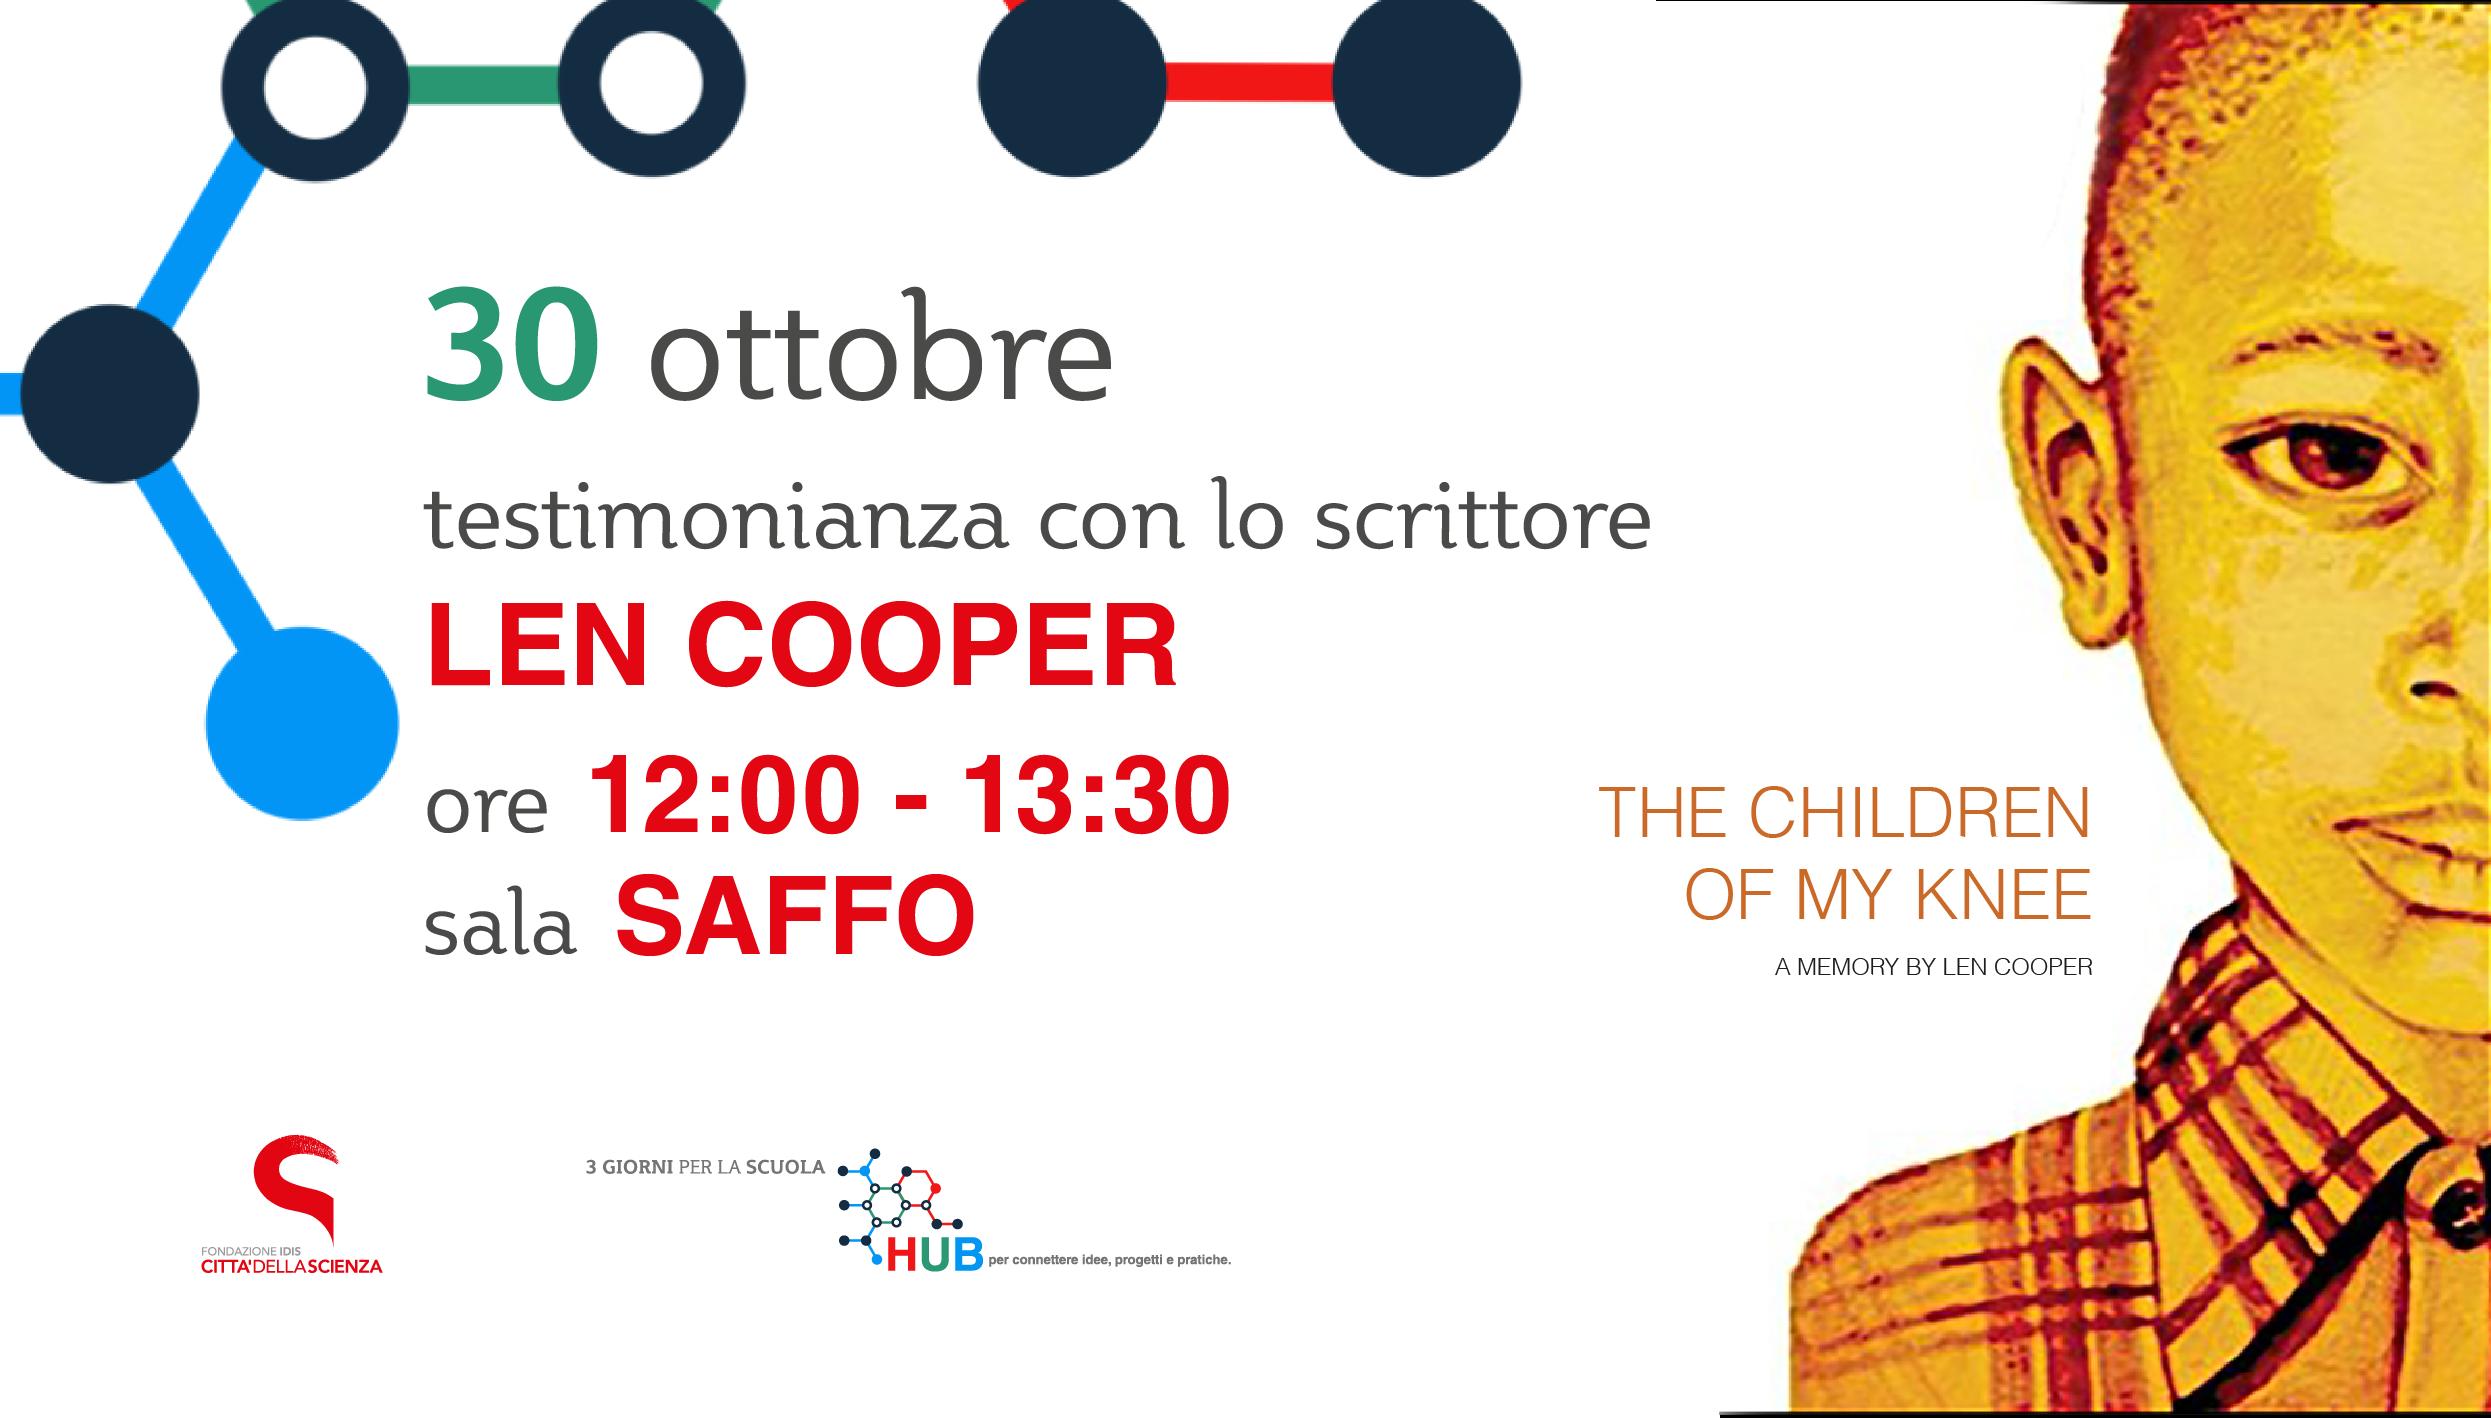 len-cooper-evento-01